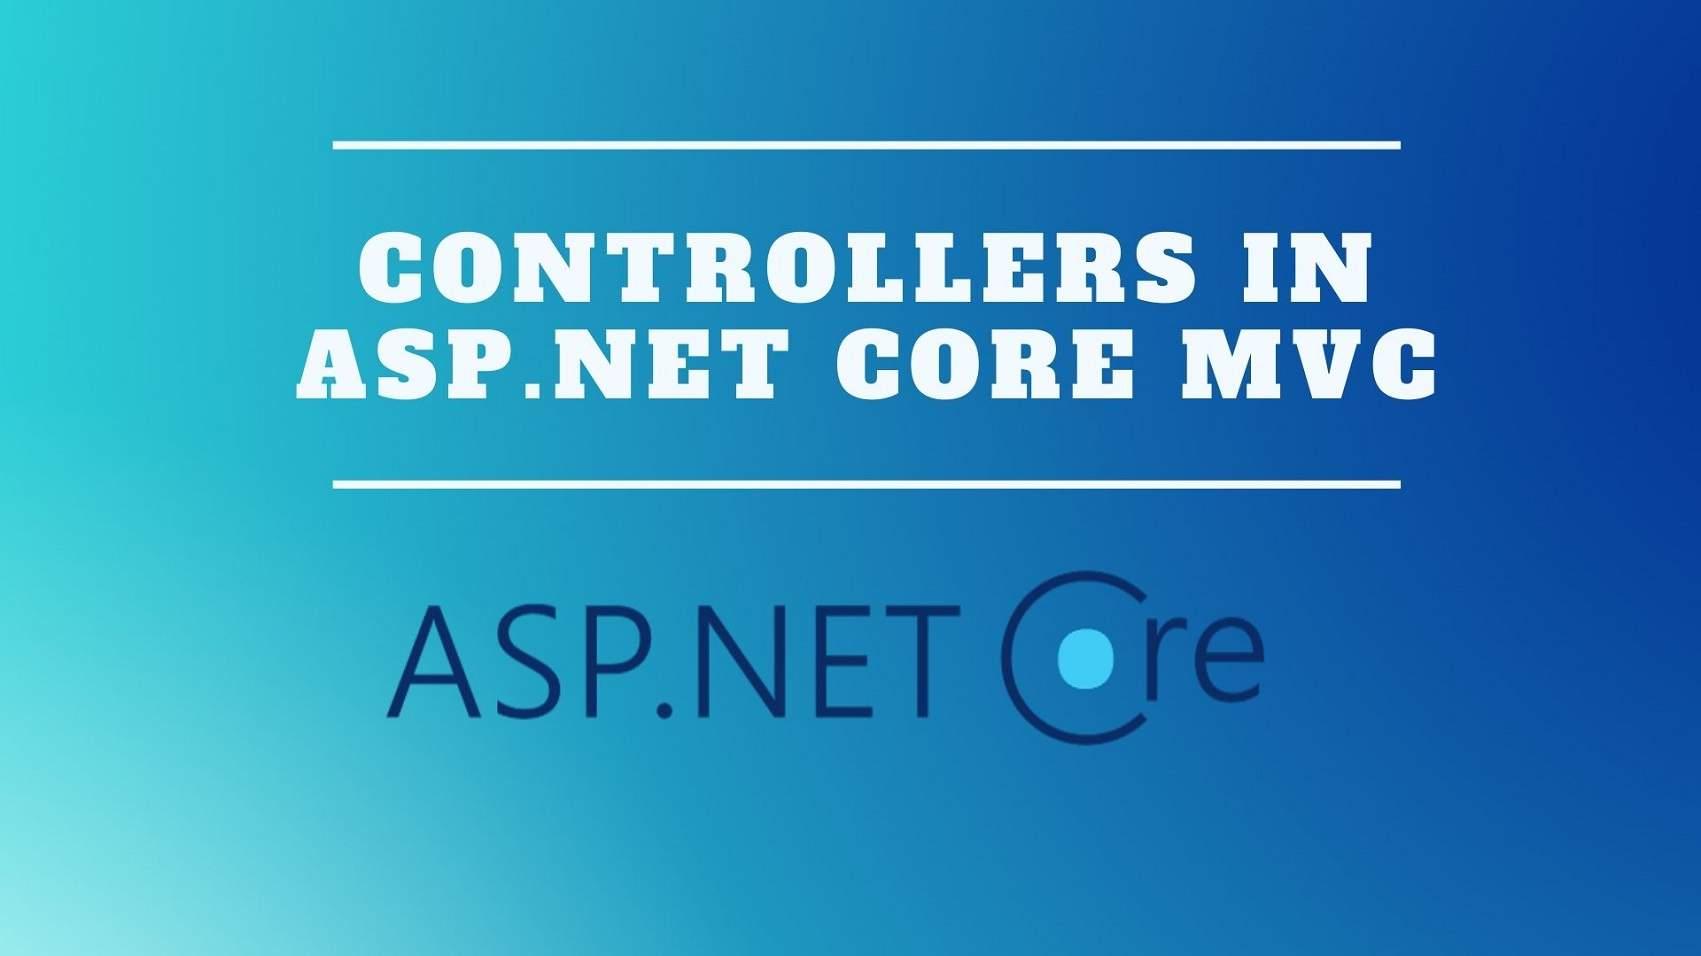 Controllers in ASP.NET Core MVC